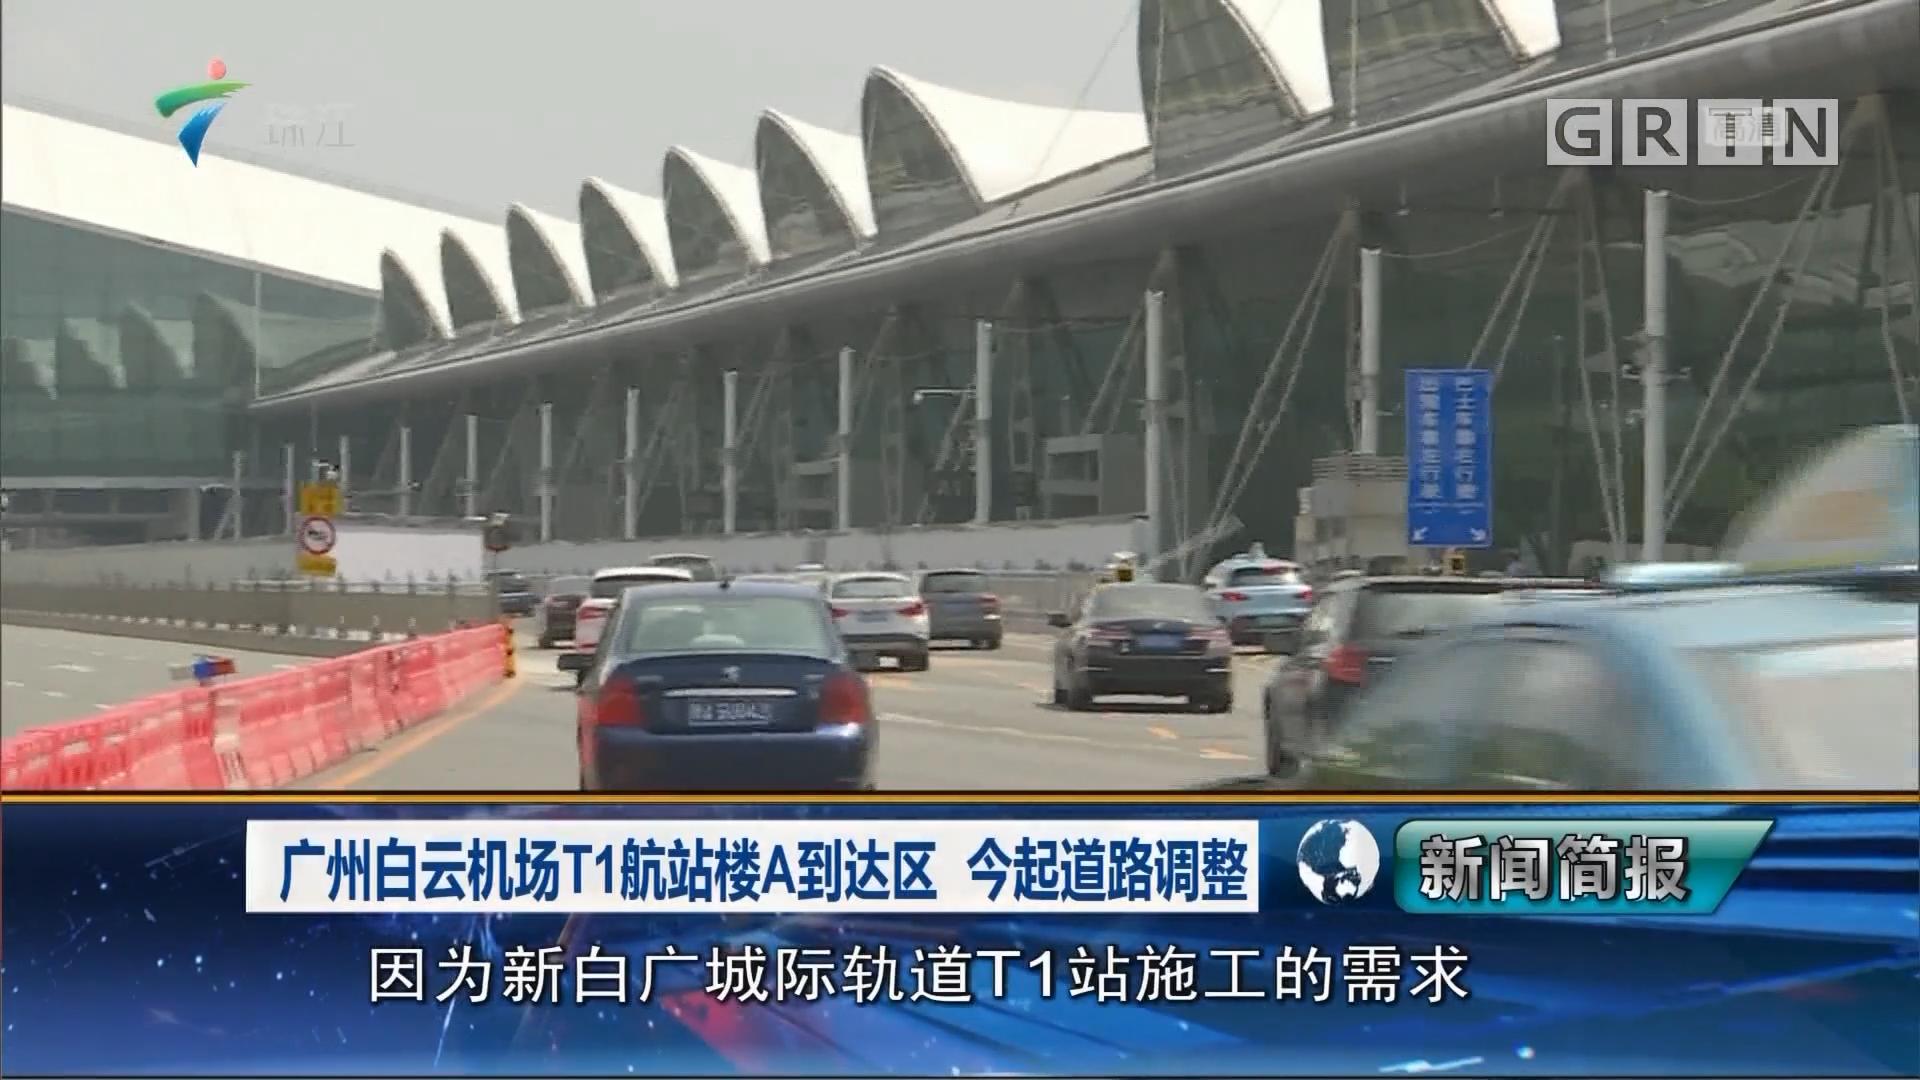 广州白云机场T1航站楼A到达区 今起道路调整